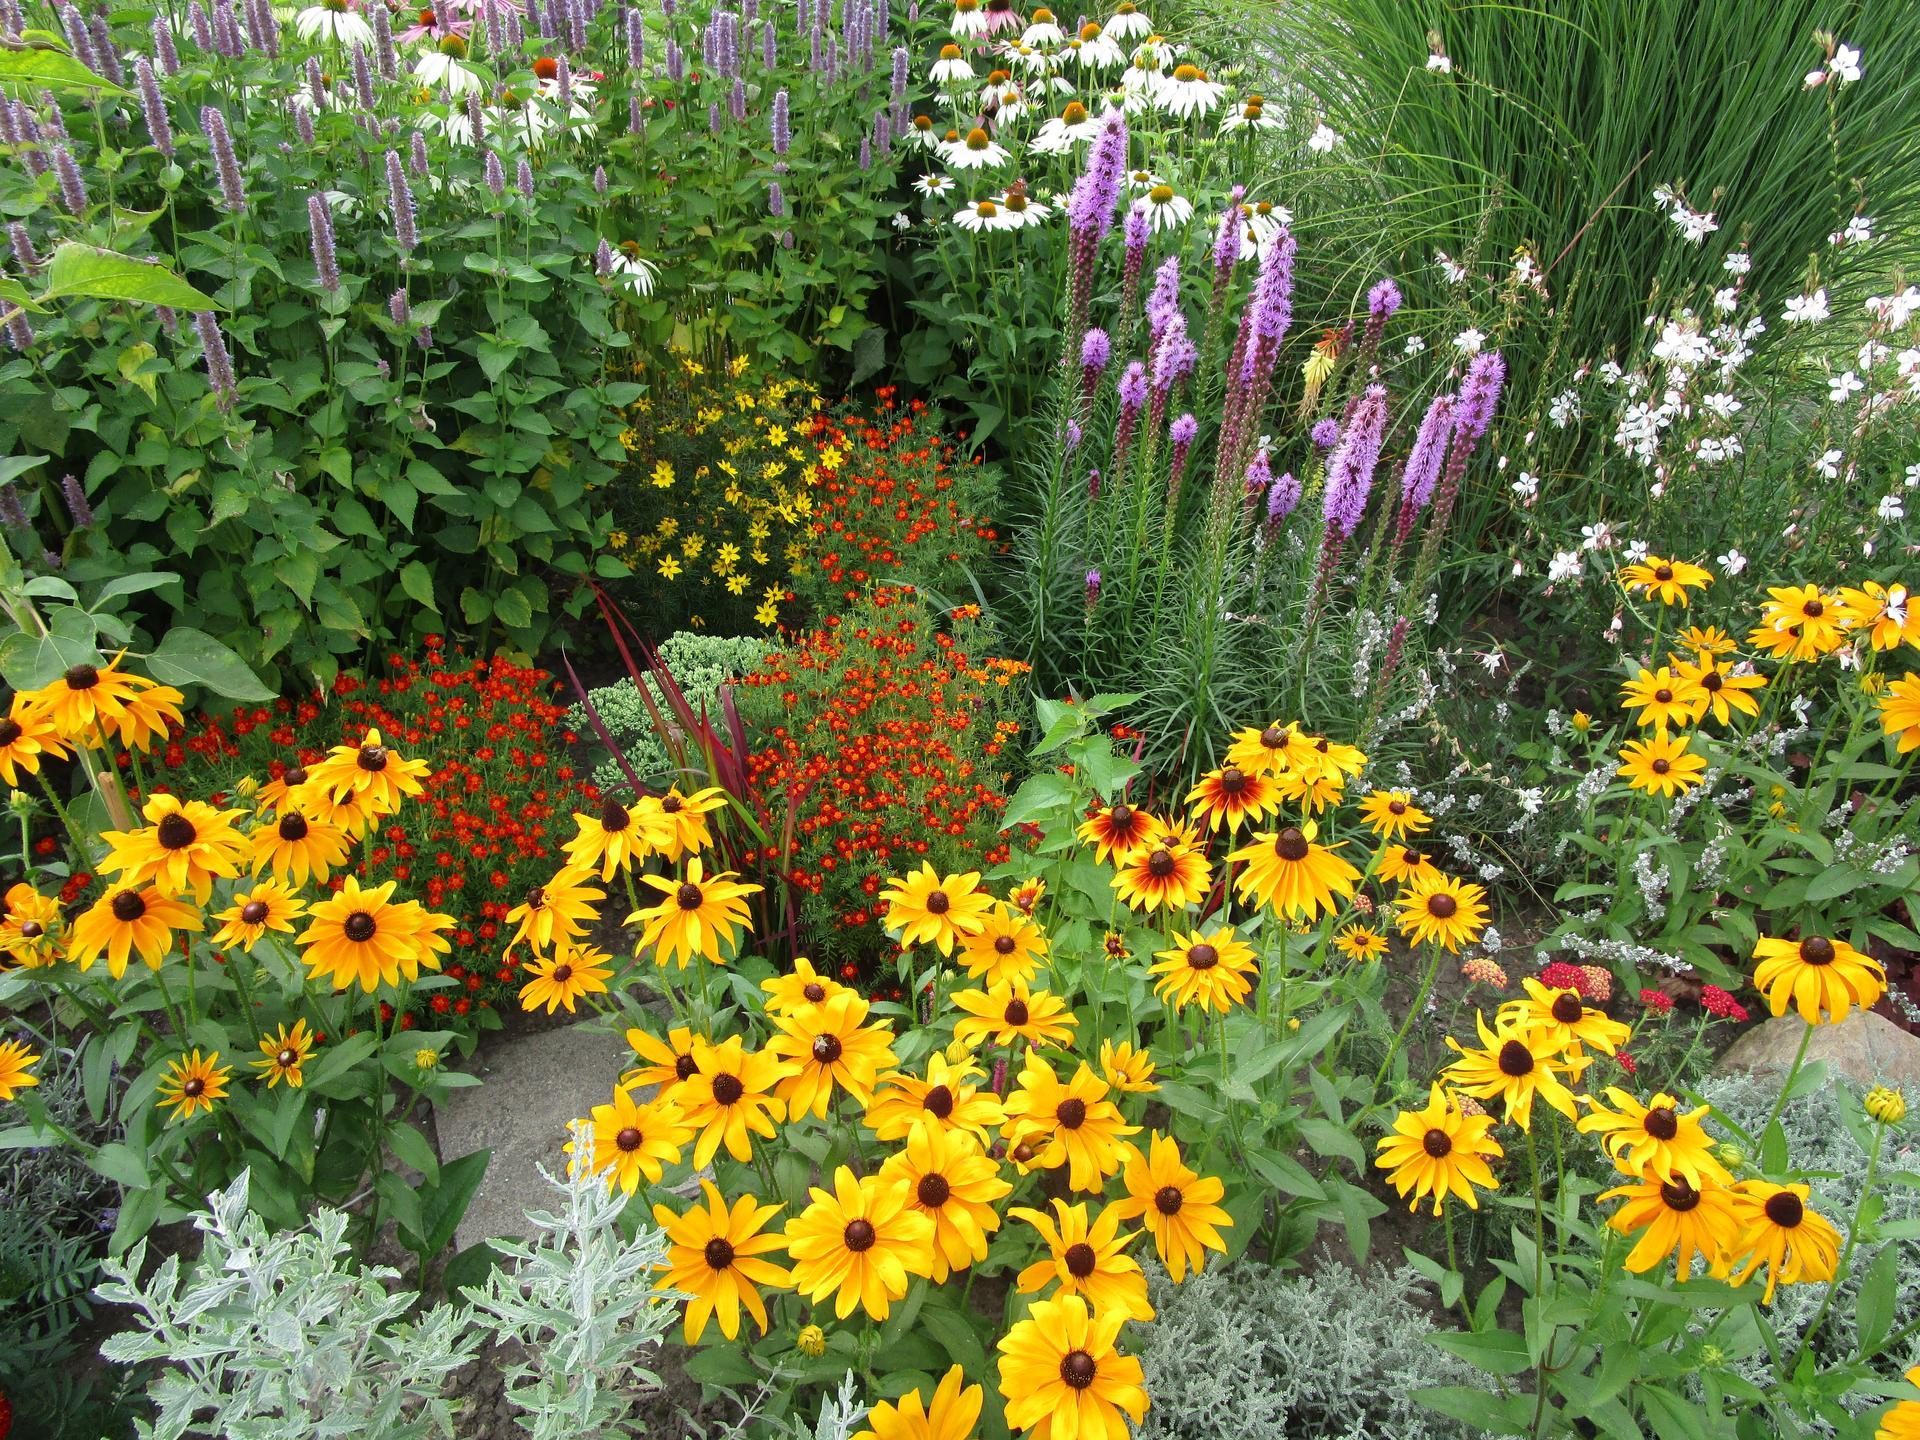 zahrada 2021 - záhon v květu